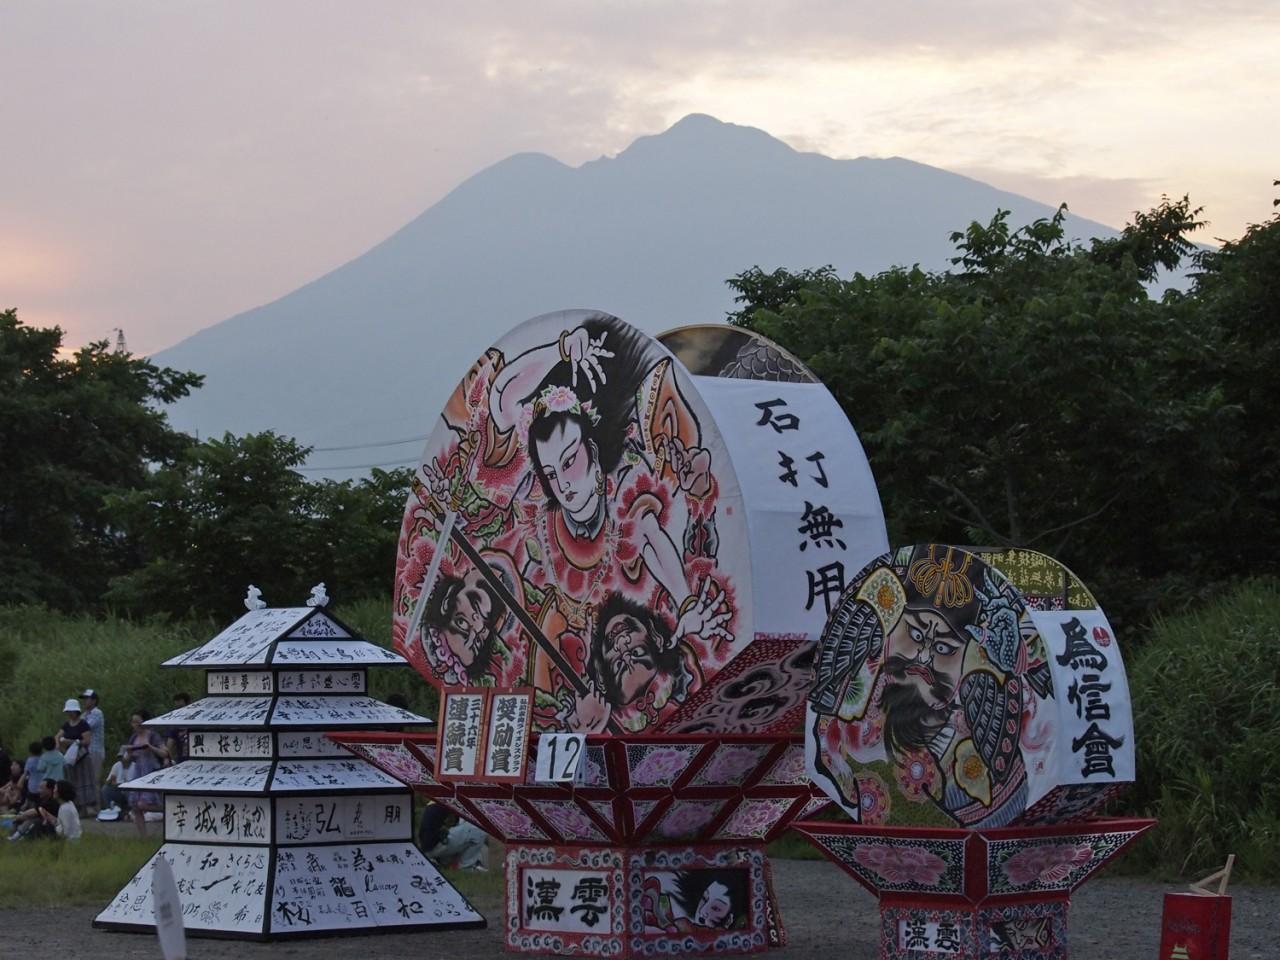 同じく神妙な面持ちで出番を待つ扇ねぷたと弘前城ねぷた。「心配はいらないよ」とお岩木山が激励しています。